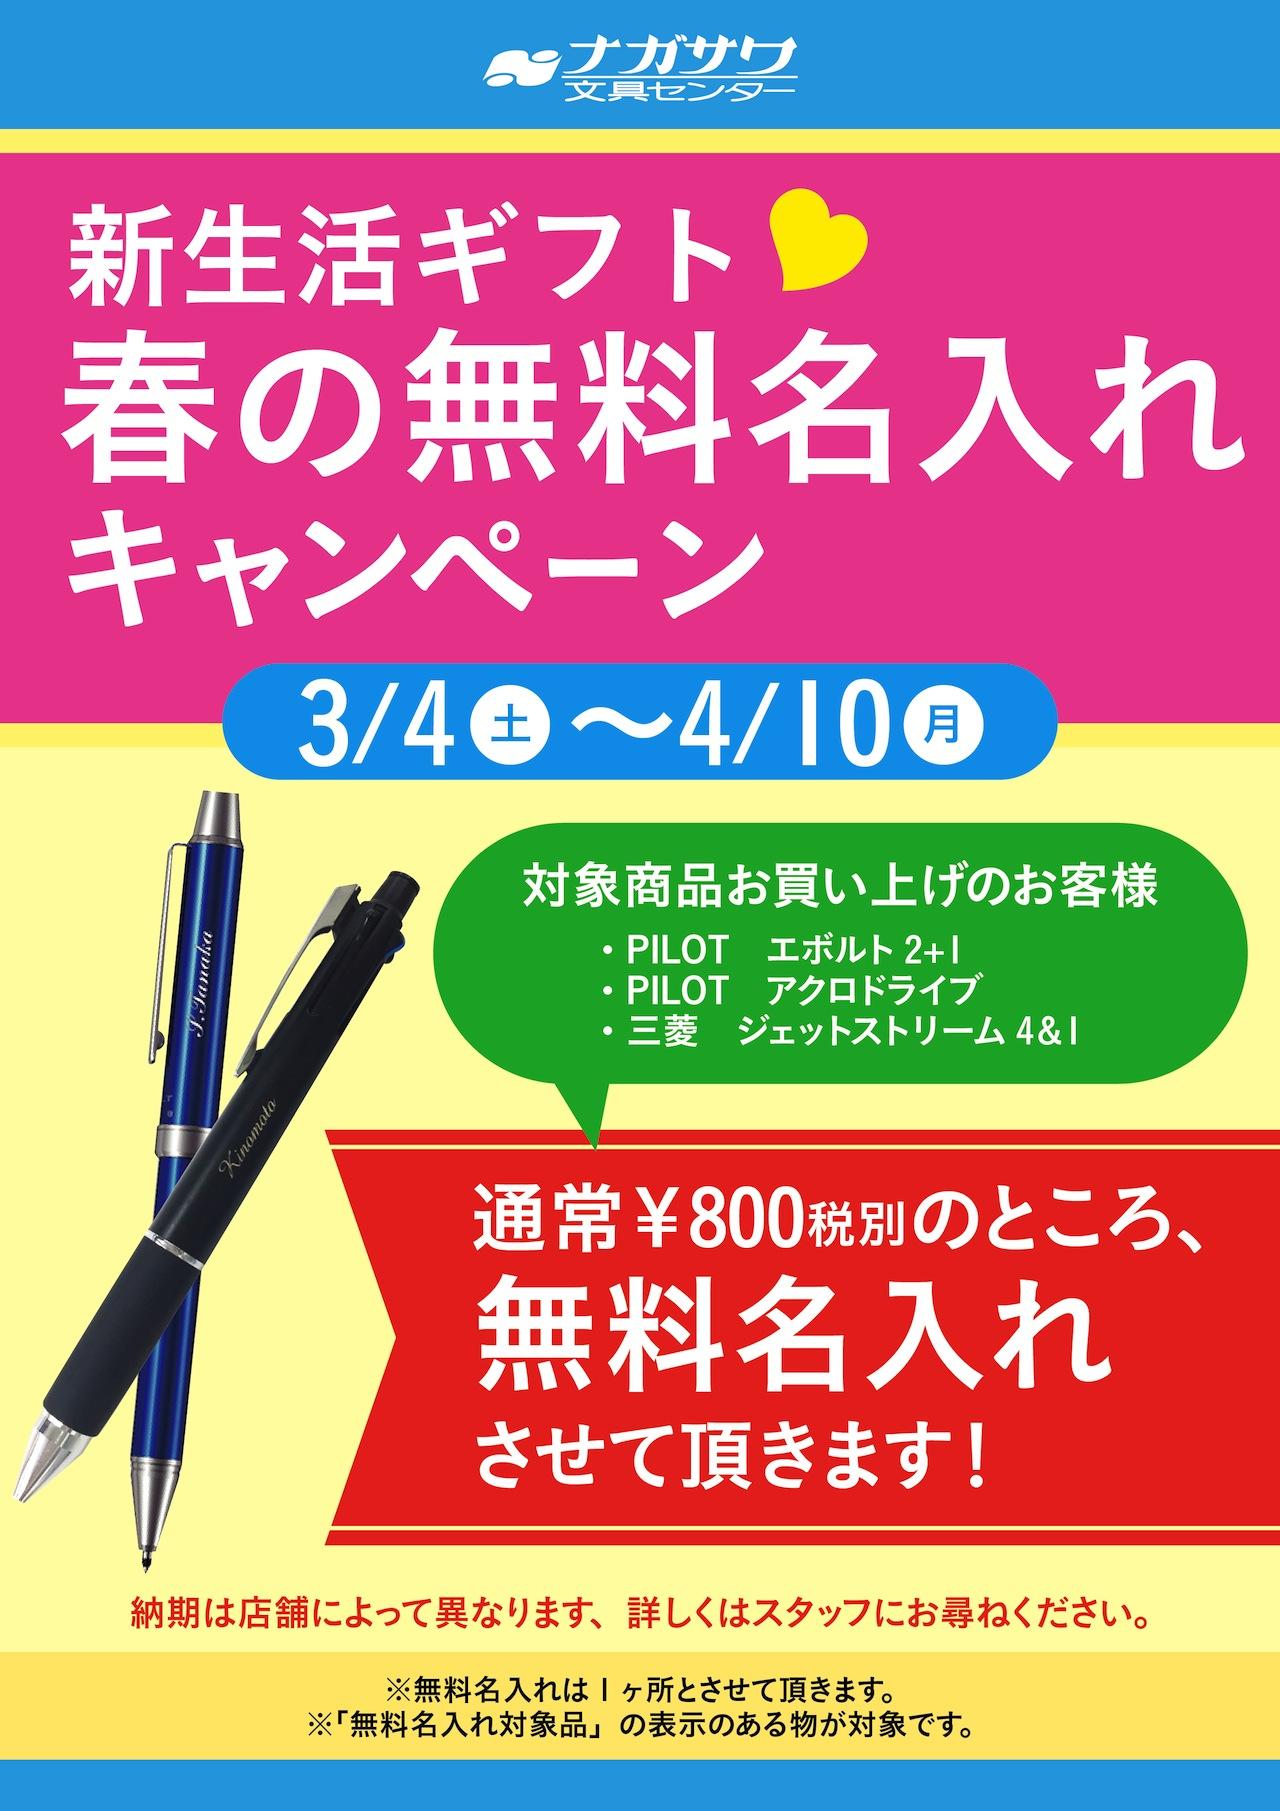 春の筆記具無料名入れキャンペーン @ナガサワ文具センター